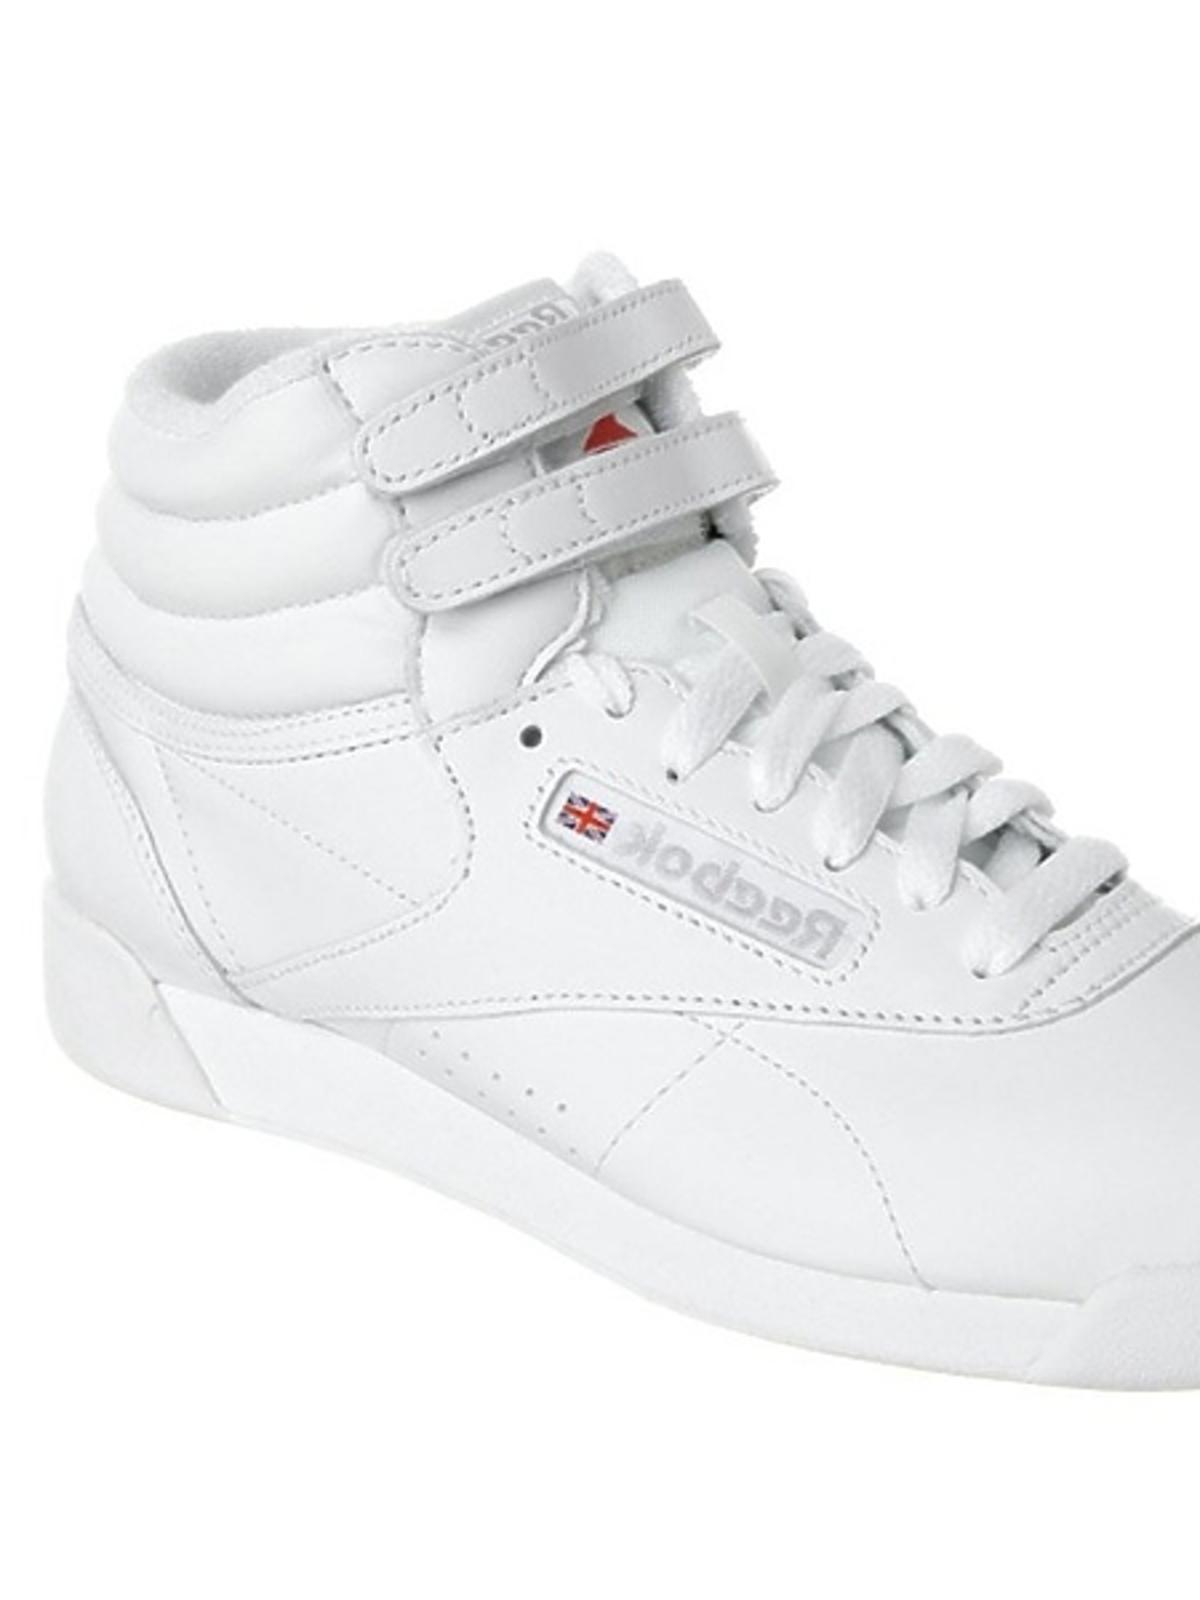 Białe buty Reebok Classic, cena